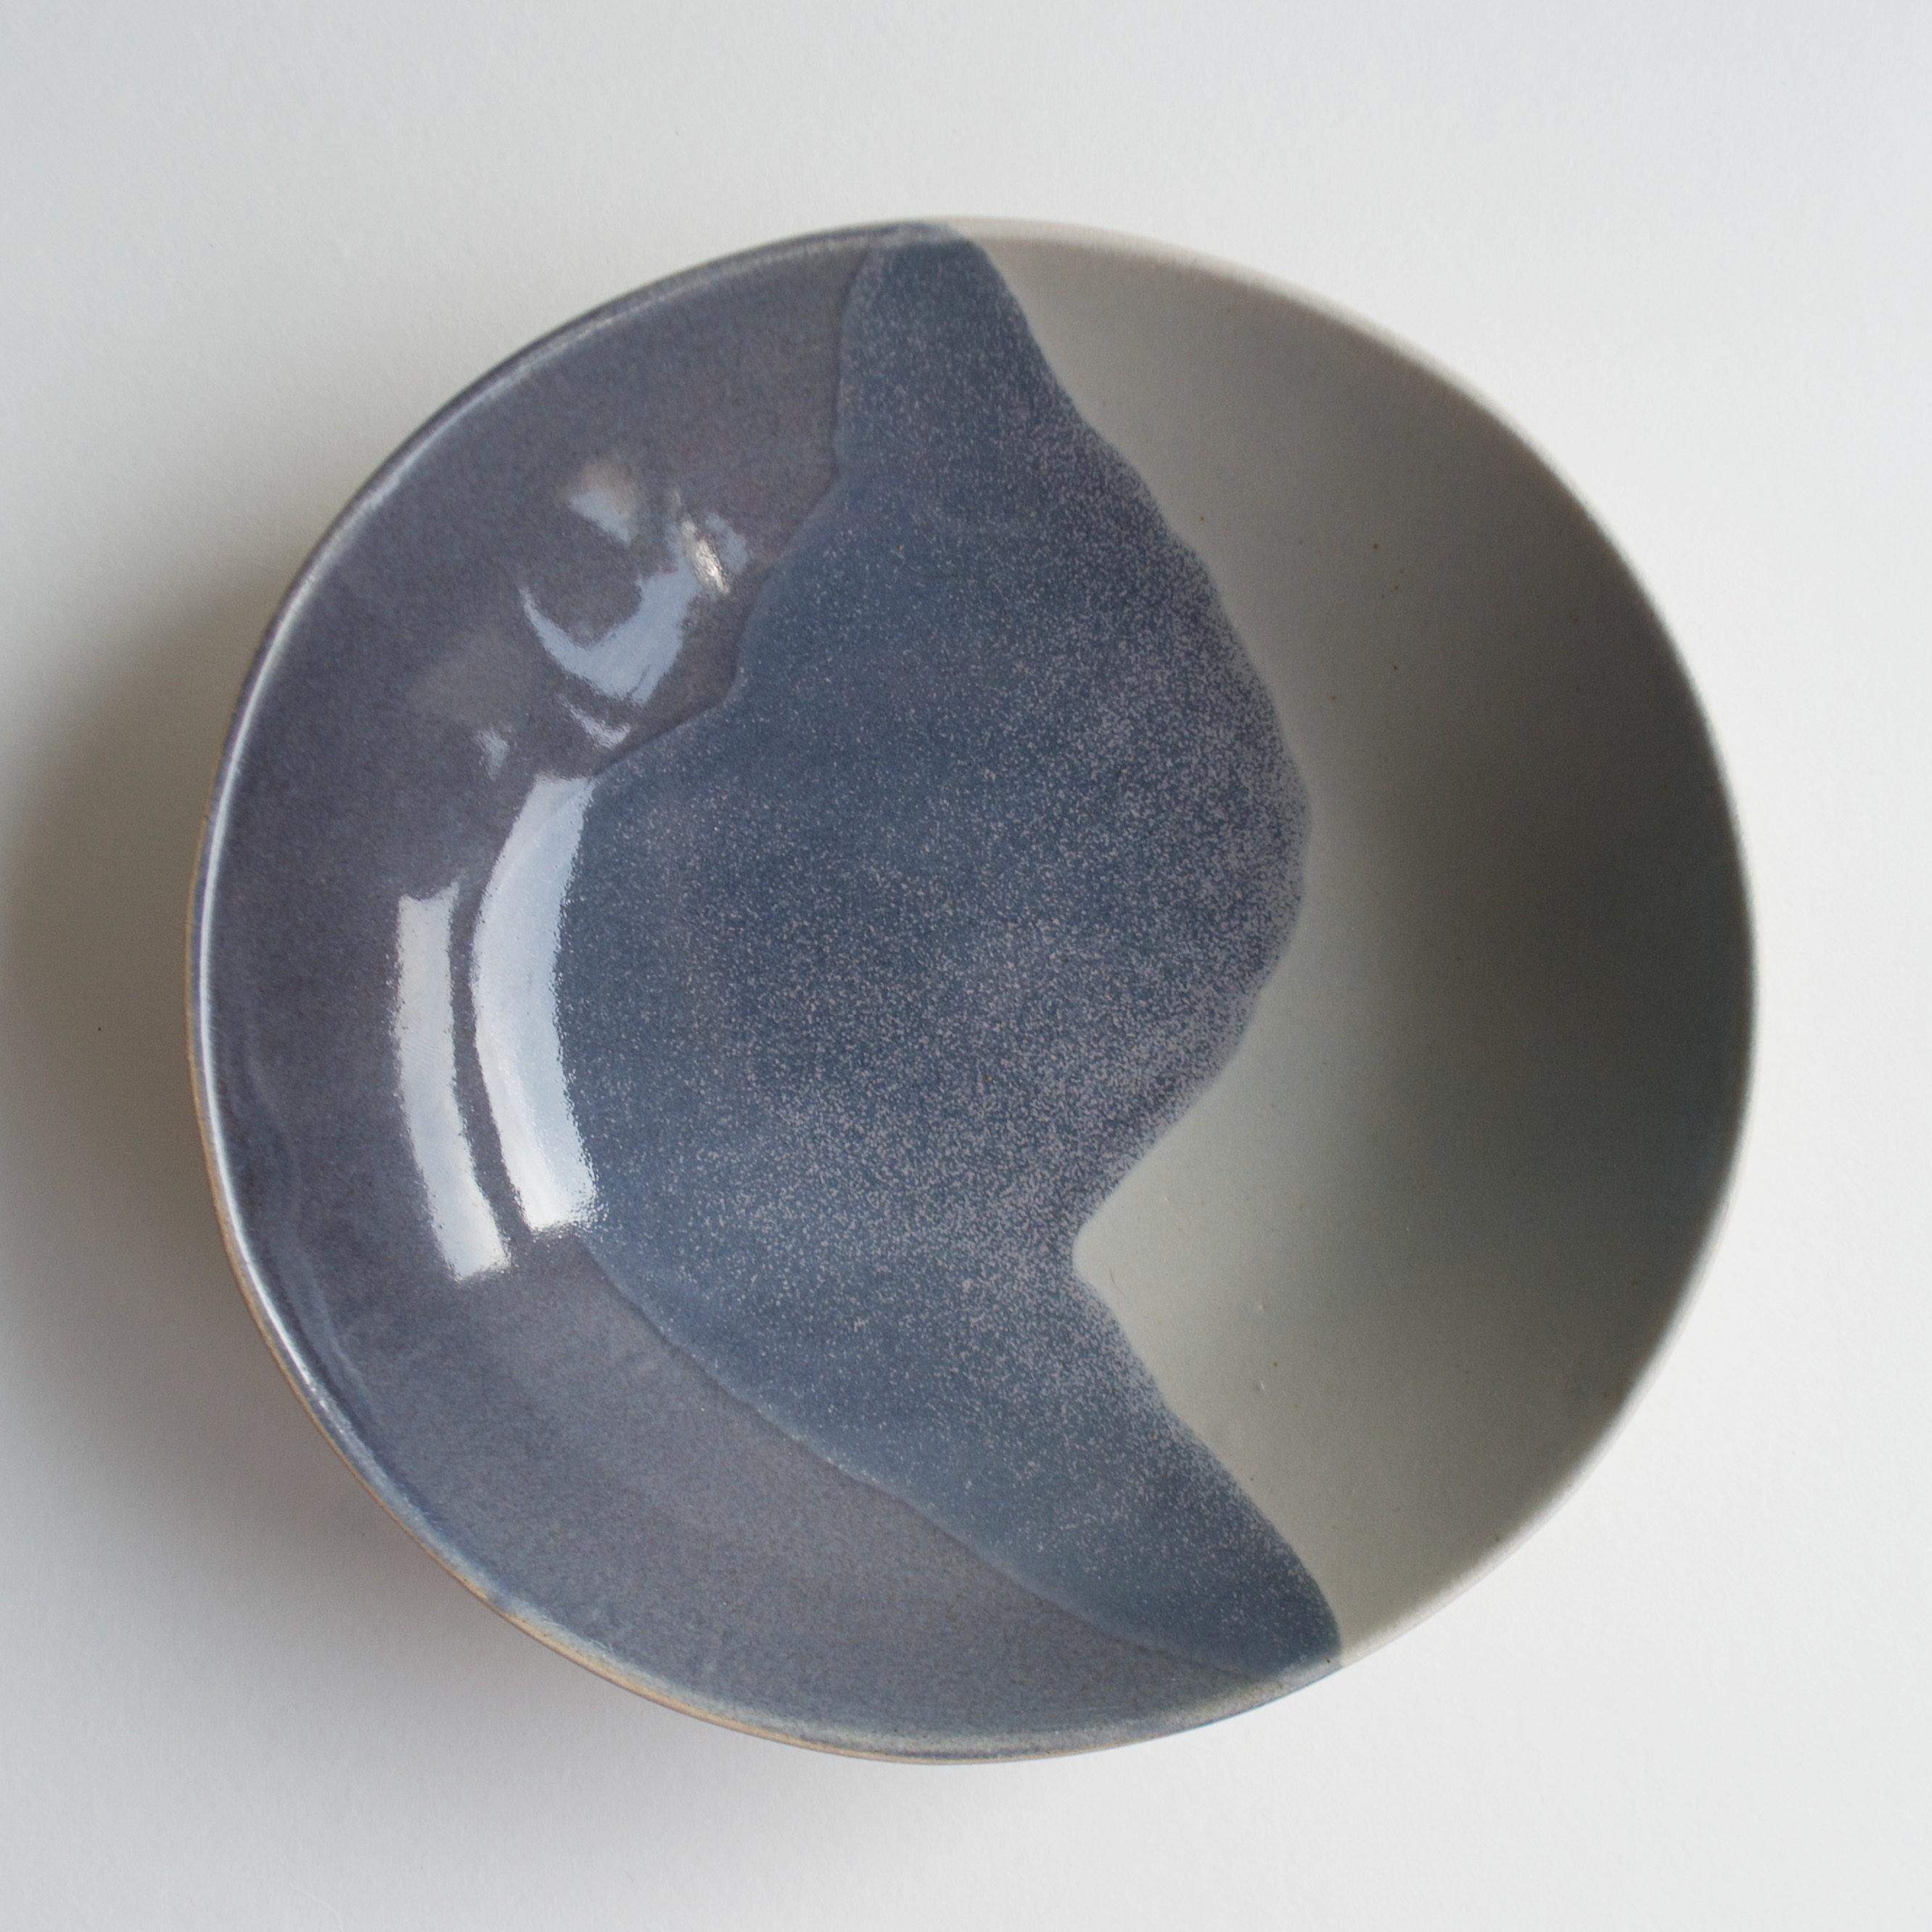 Glacier small bowl in grey blue copy